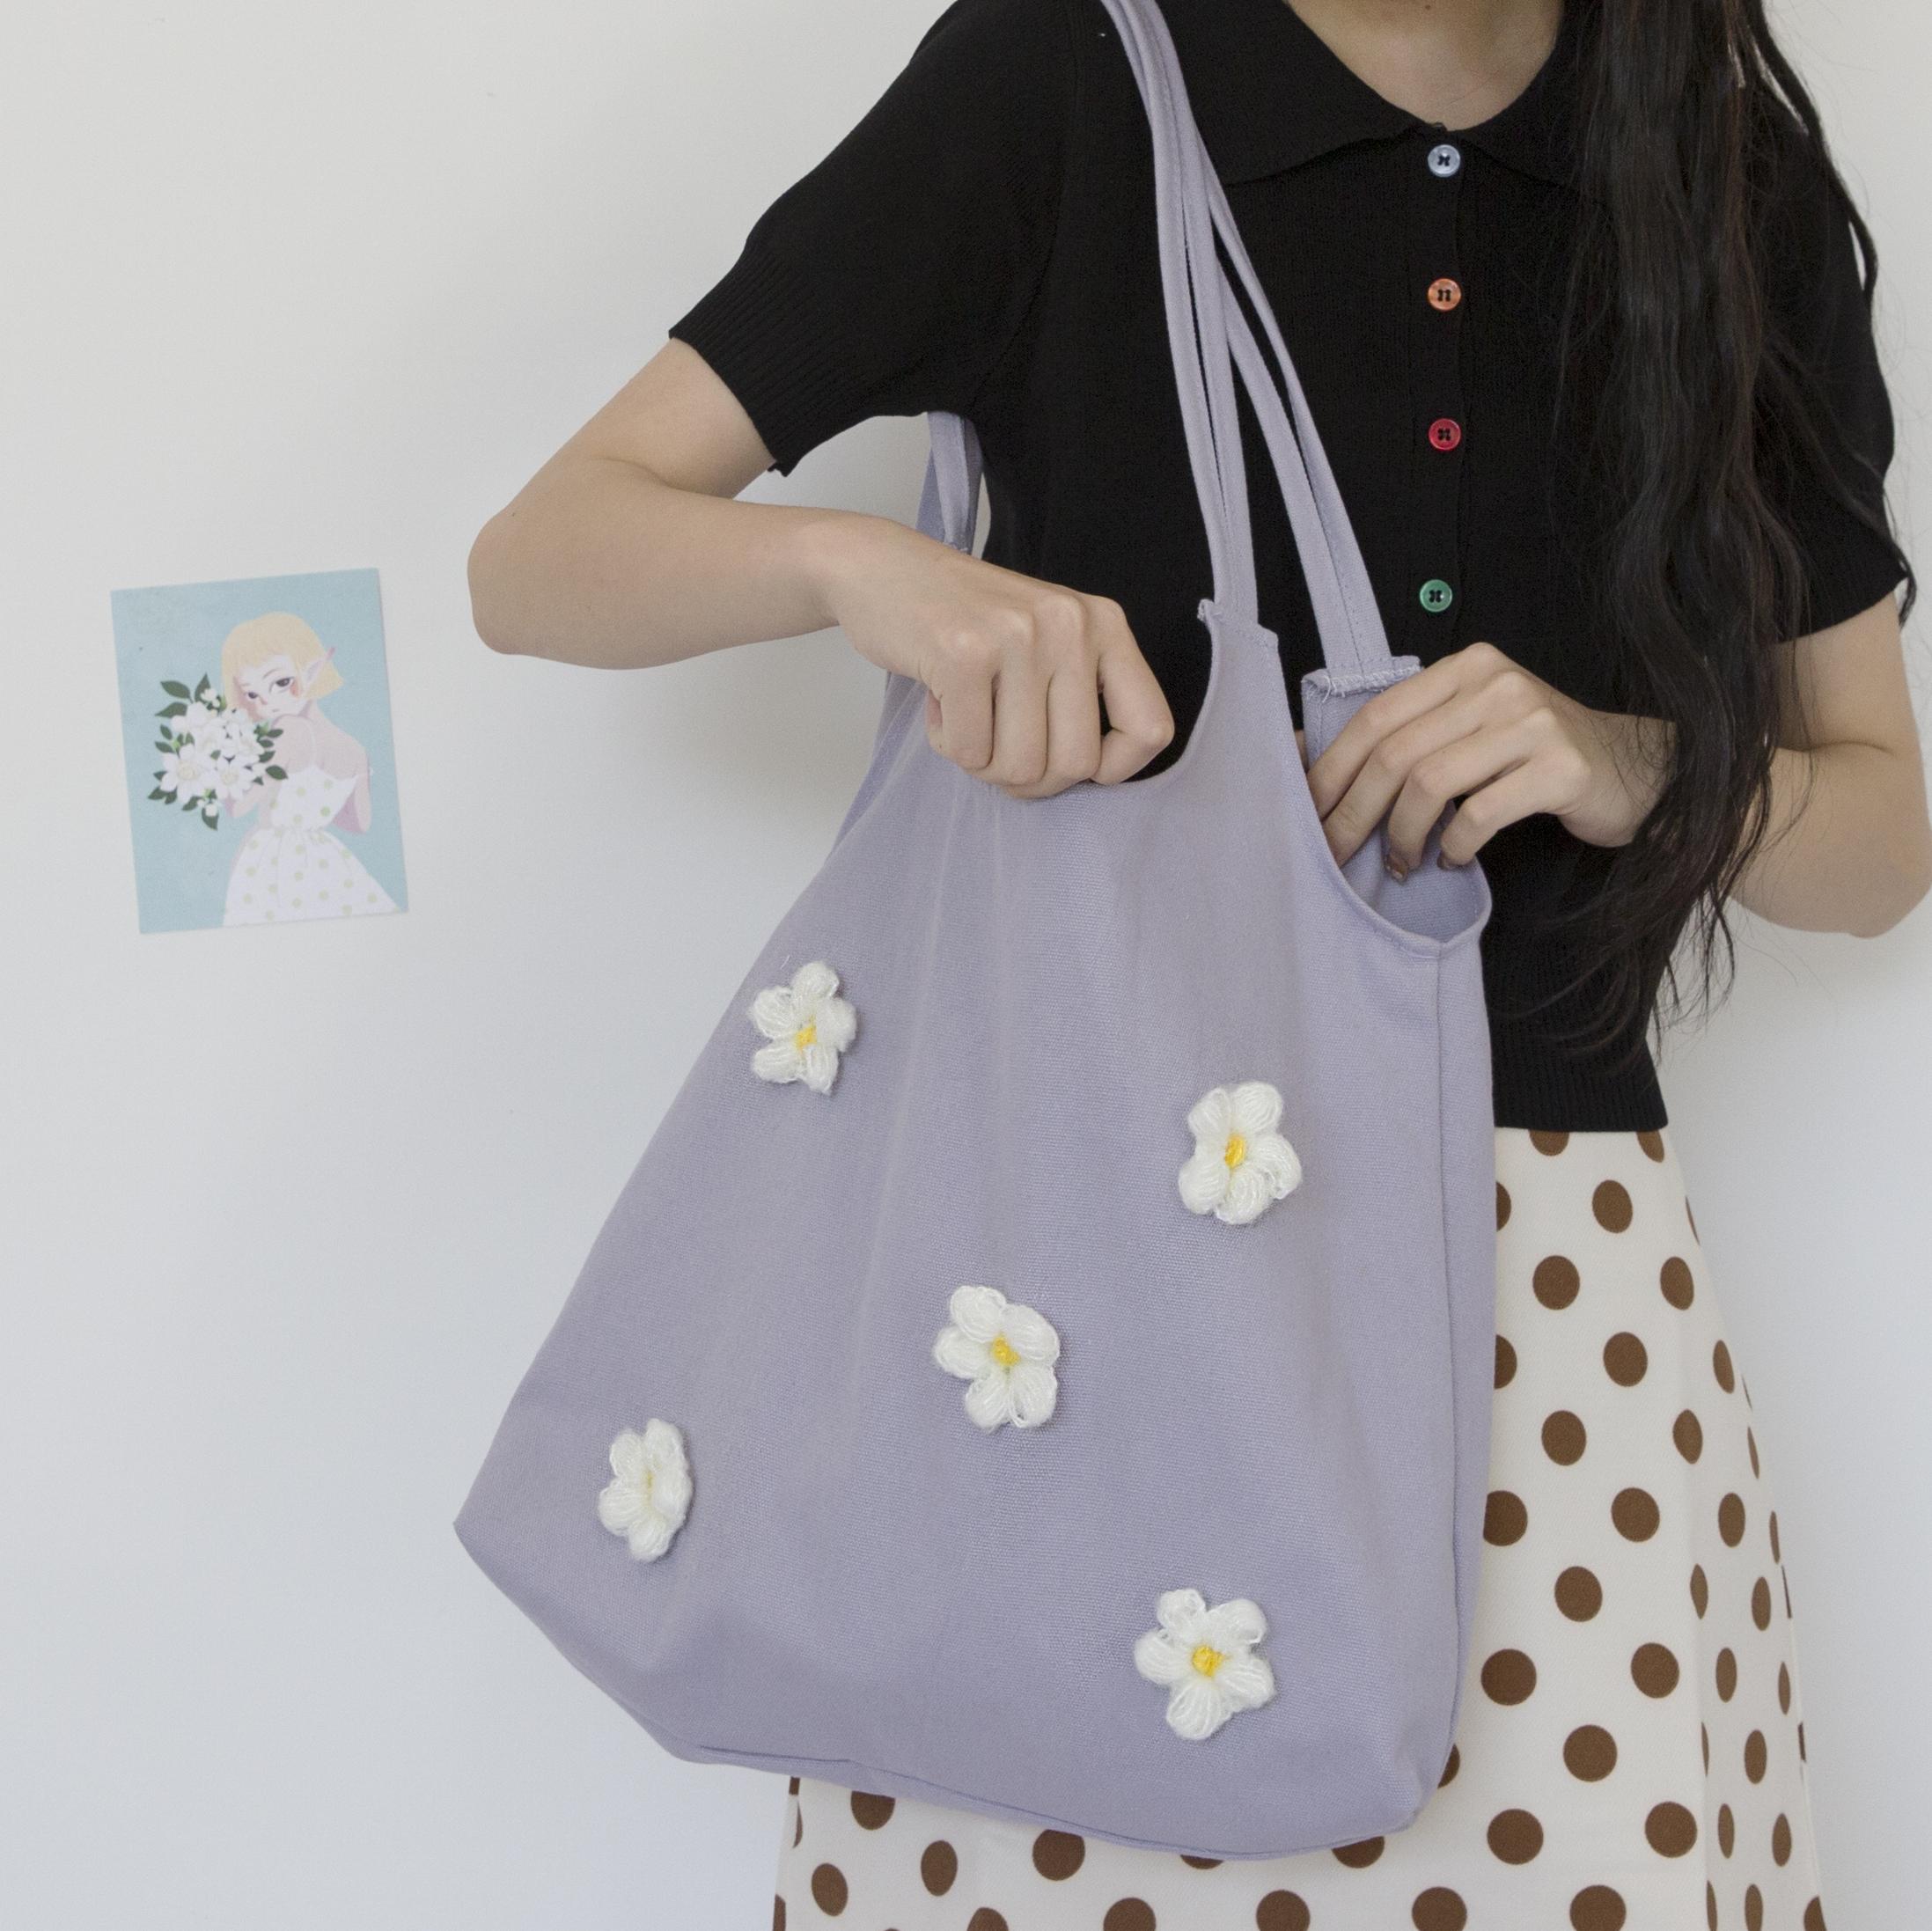 Flower Petal Pattern Casual Canvas Satchel Laptop Computer Home Messenger Bag Traveling Camping for Men Women Student Shoulder Bag